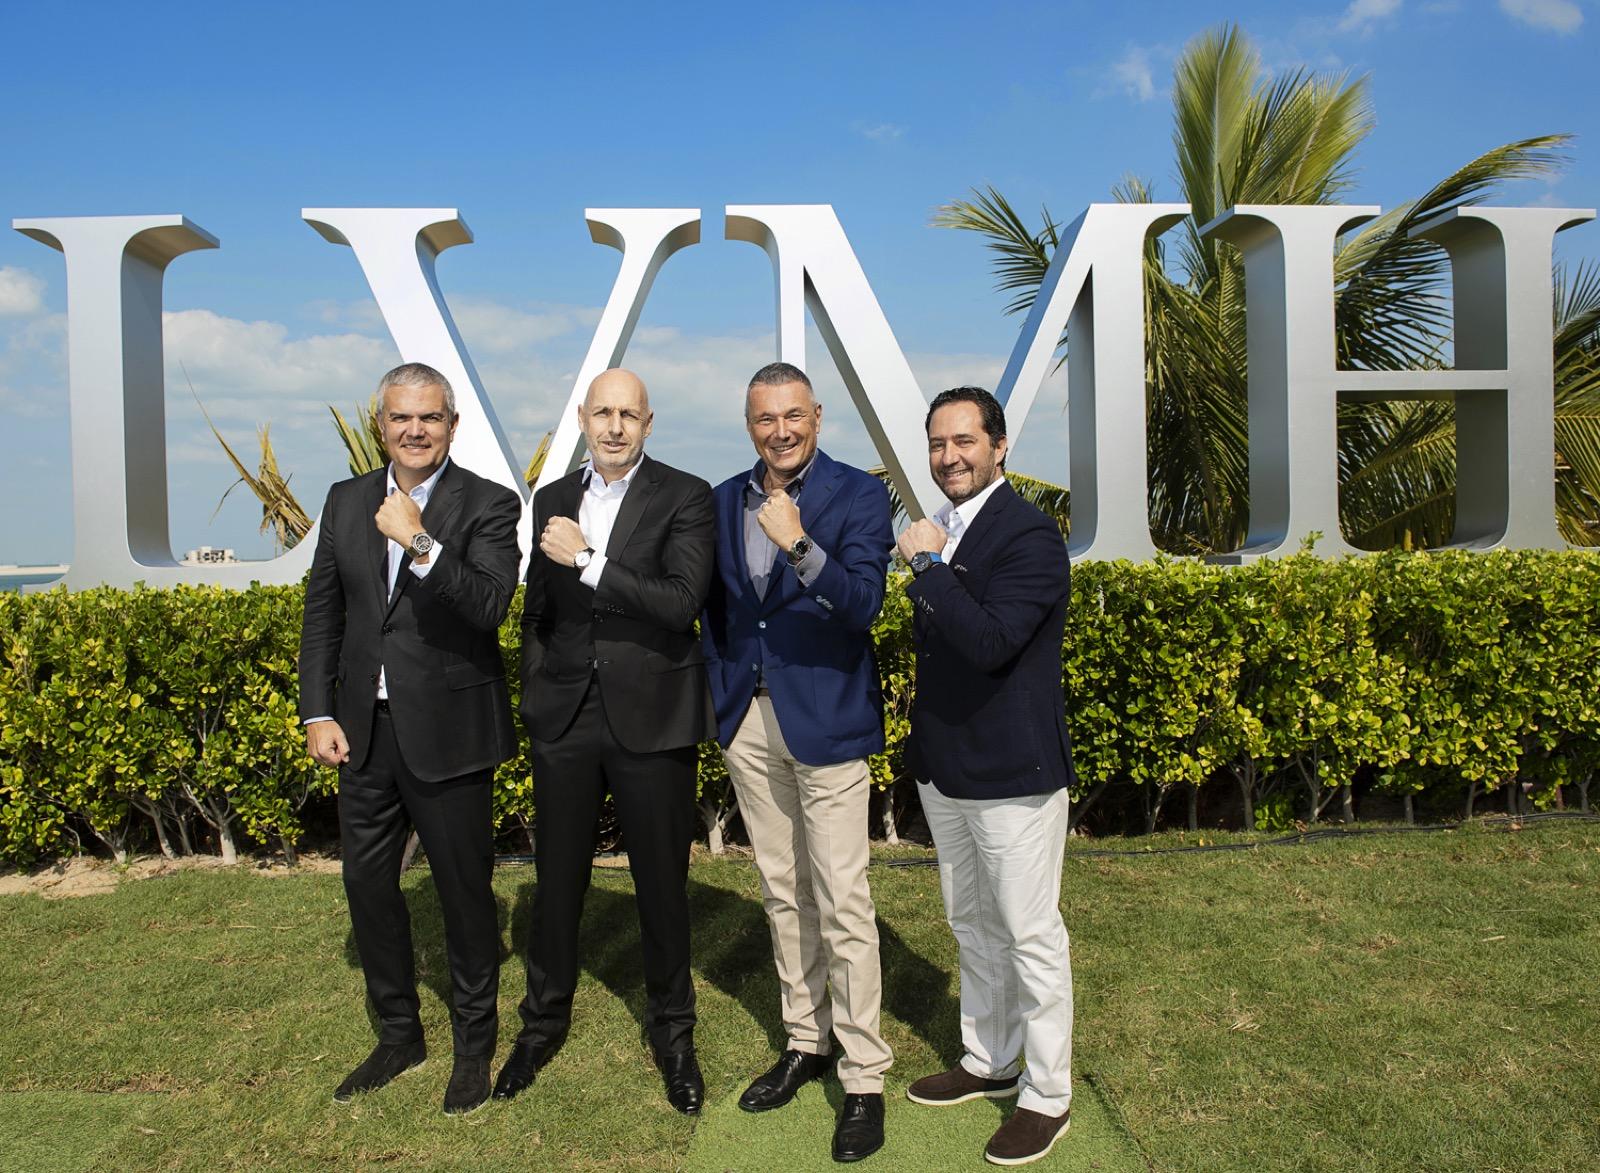 LVMH-Watch-Week-2020-Ricardo-Guadalupe-Stephane-Bianchi-Jean-Christophe-Babin-Julien-Tornare